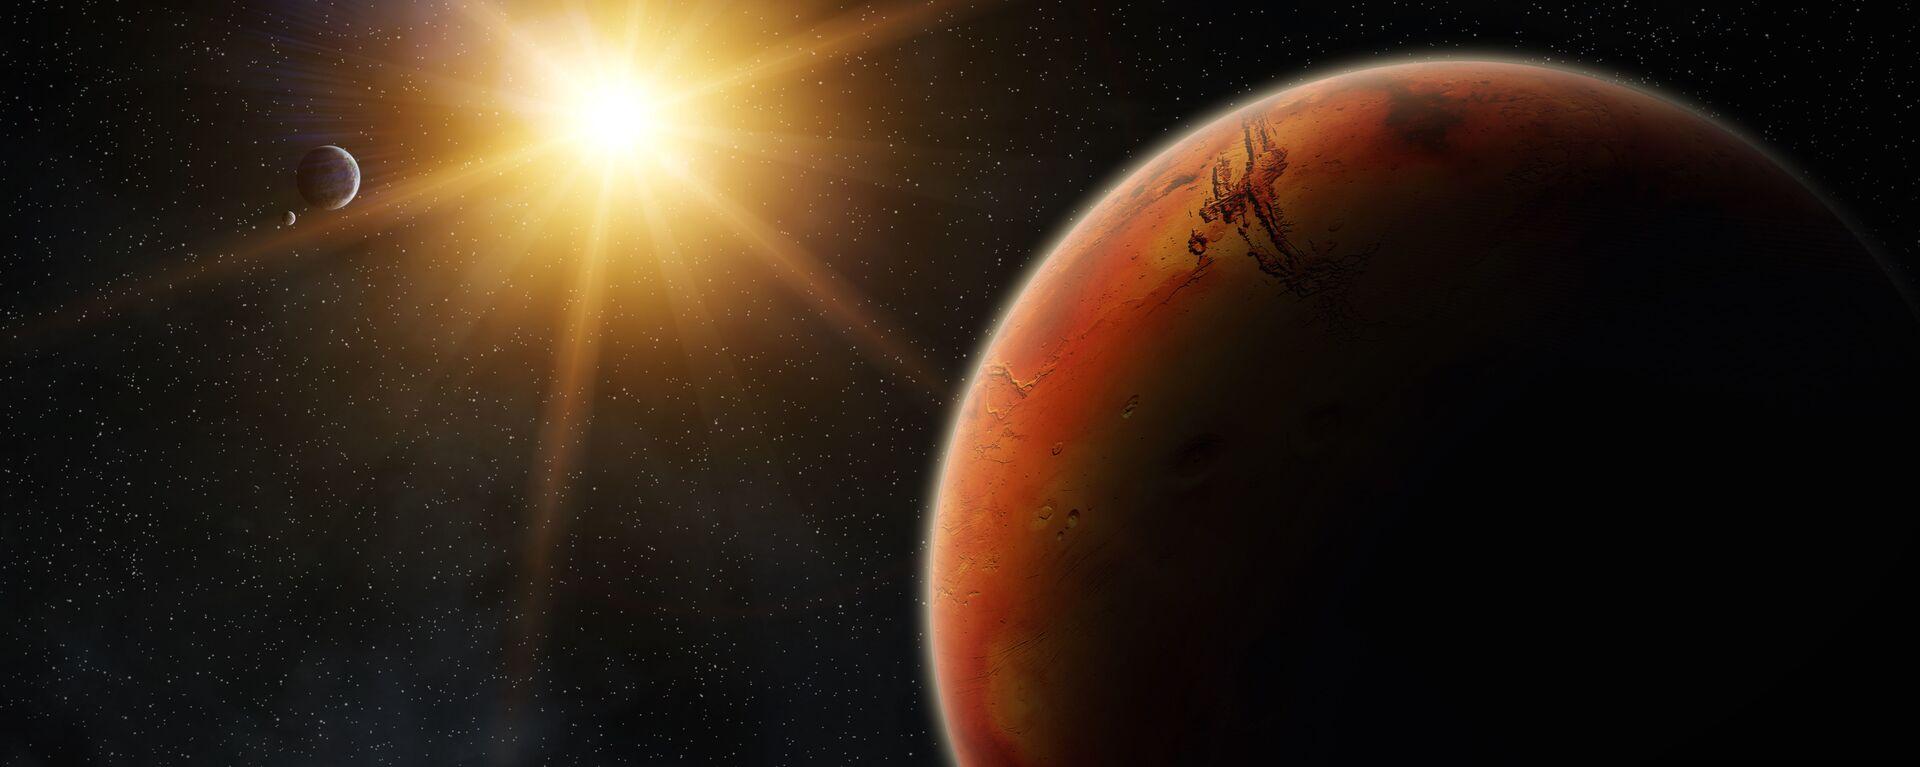 Mars při východu Slunce - Sputnik Česká republika, 1920, 27.04.2021